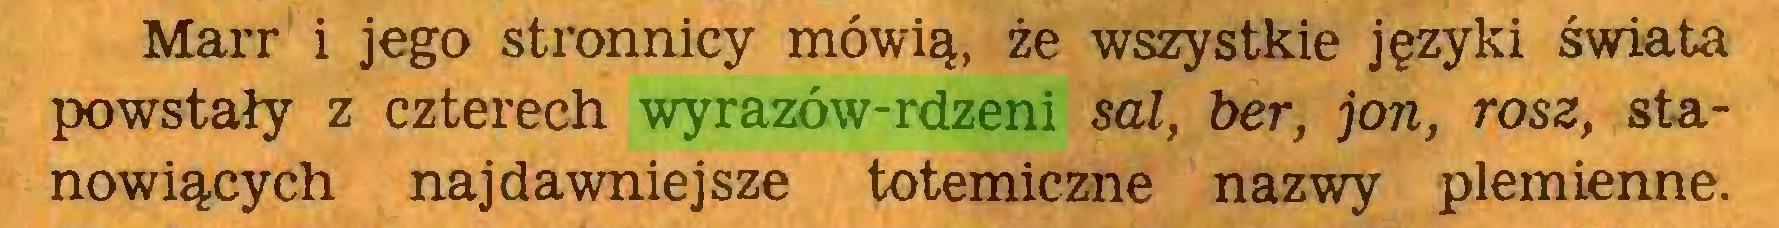 (...) Marr i jego stronnicy mówią, że wszystkie języki świata powstały z czterech wyrazów-rdzeni sal, ber, jon, rosz, stanowiących najdawniejsze totemiczne nazwy plemienne...